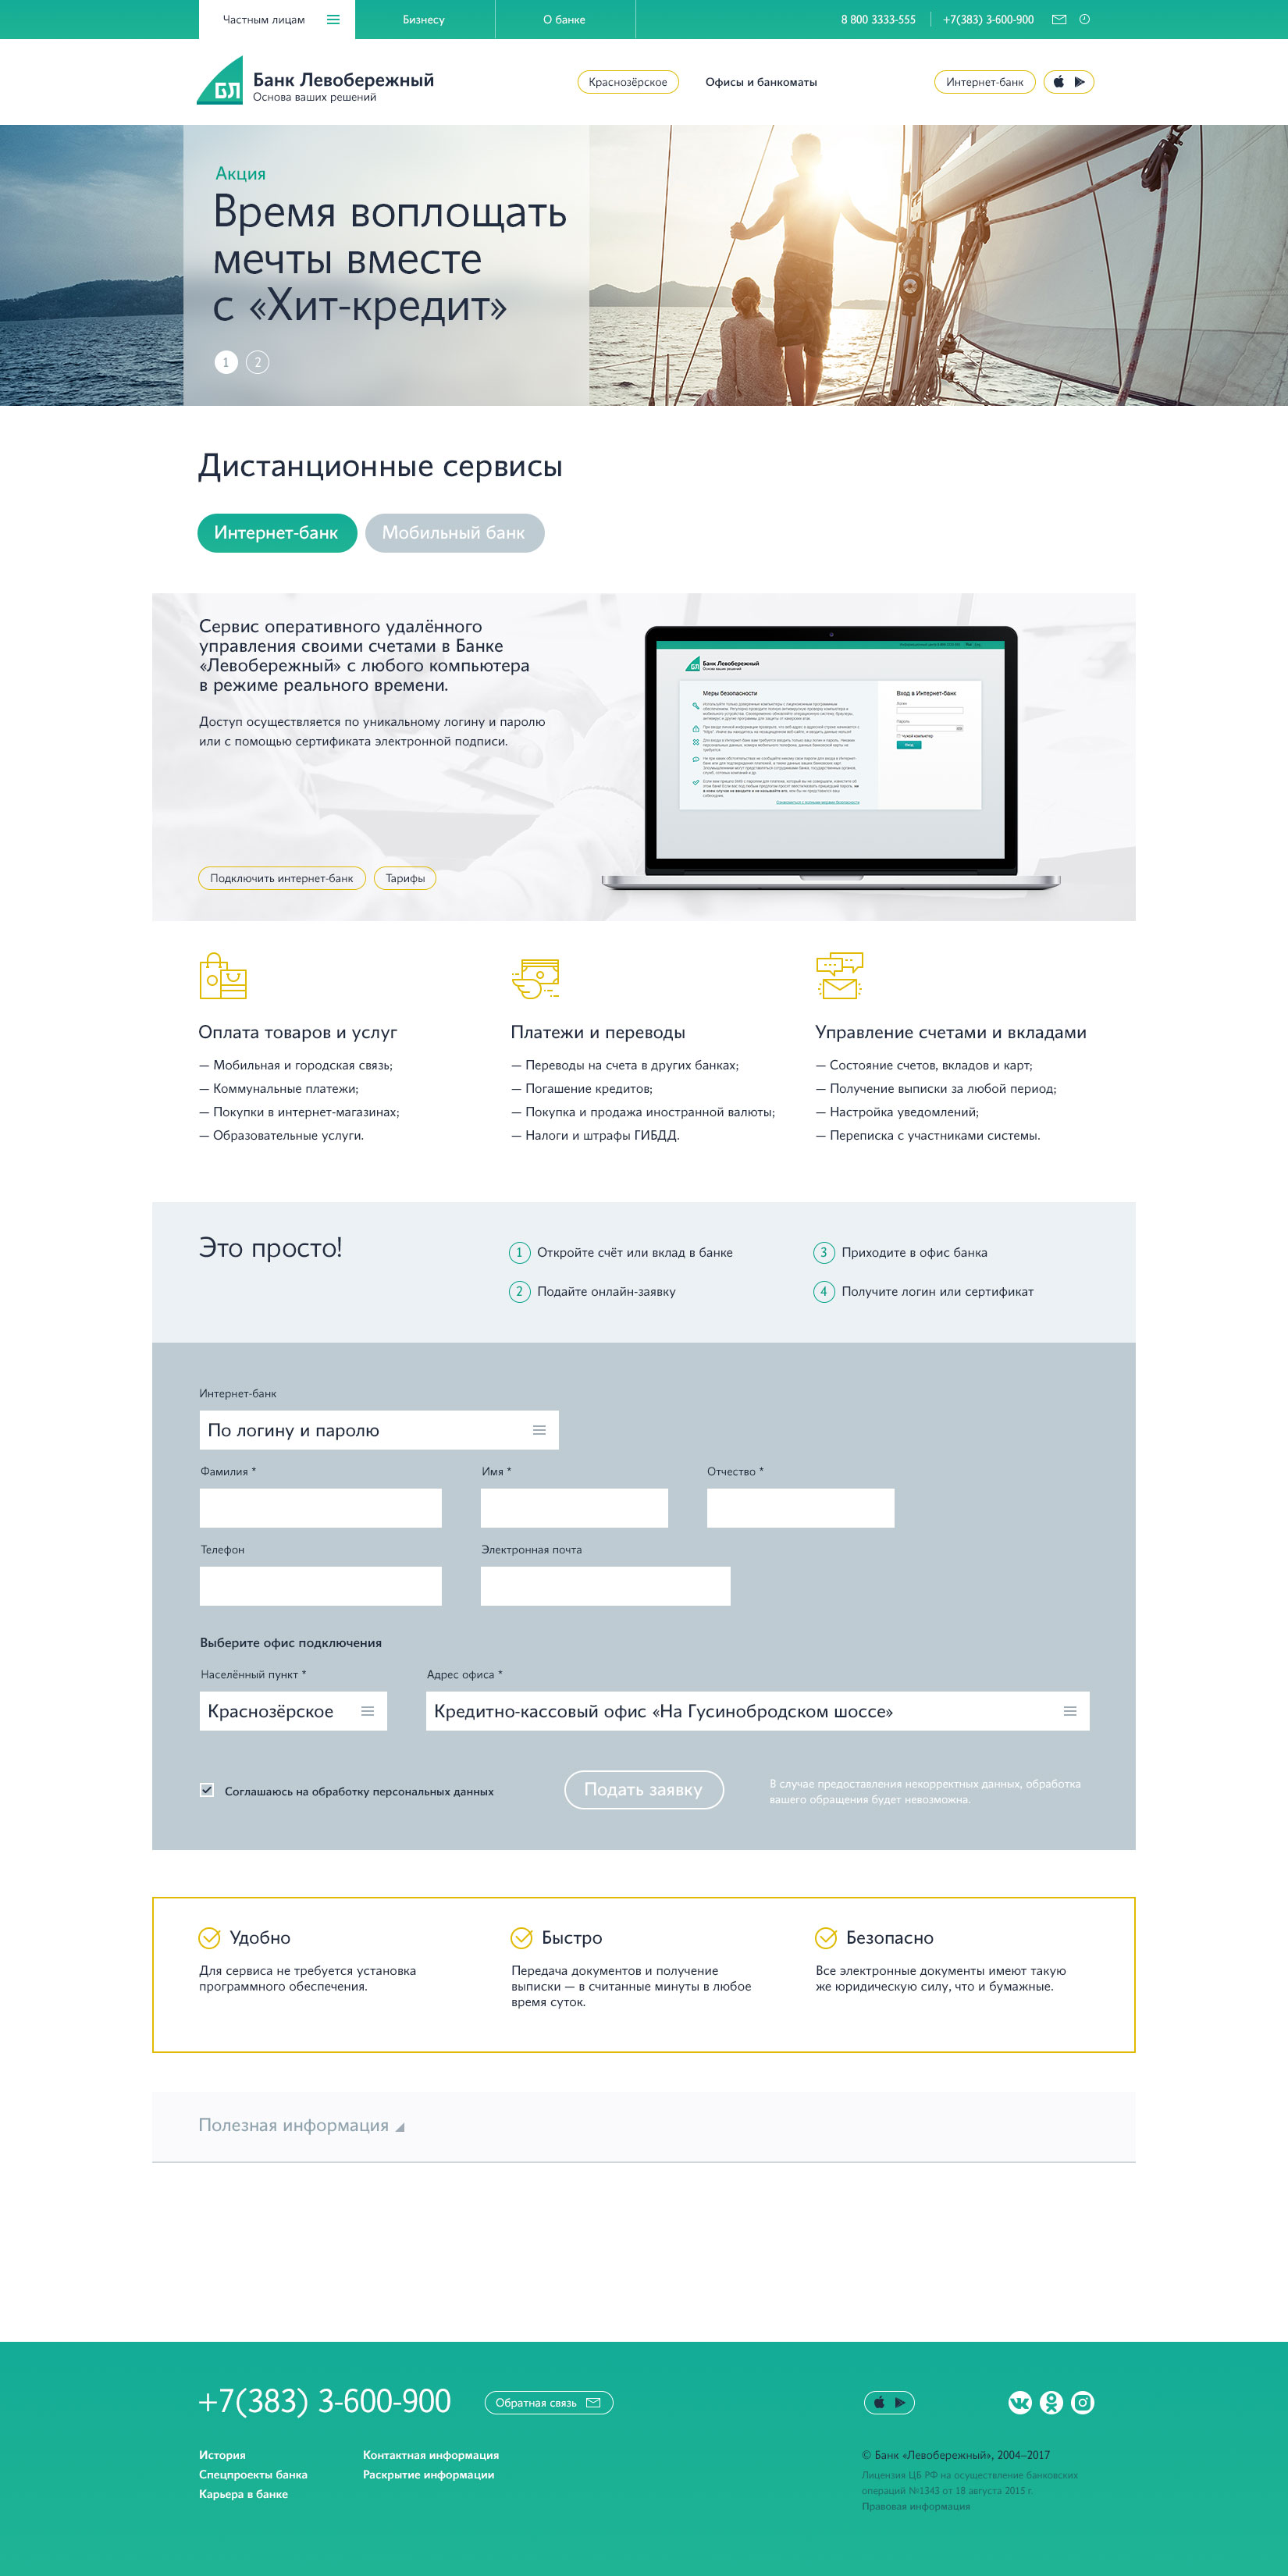 банк левобережный онлайн регистрация банк хоум кредит нижний личный кабинет